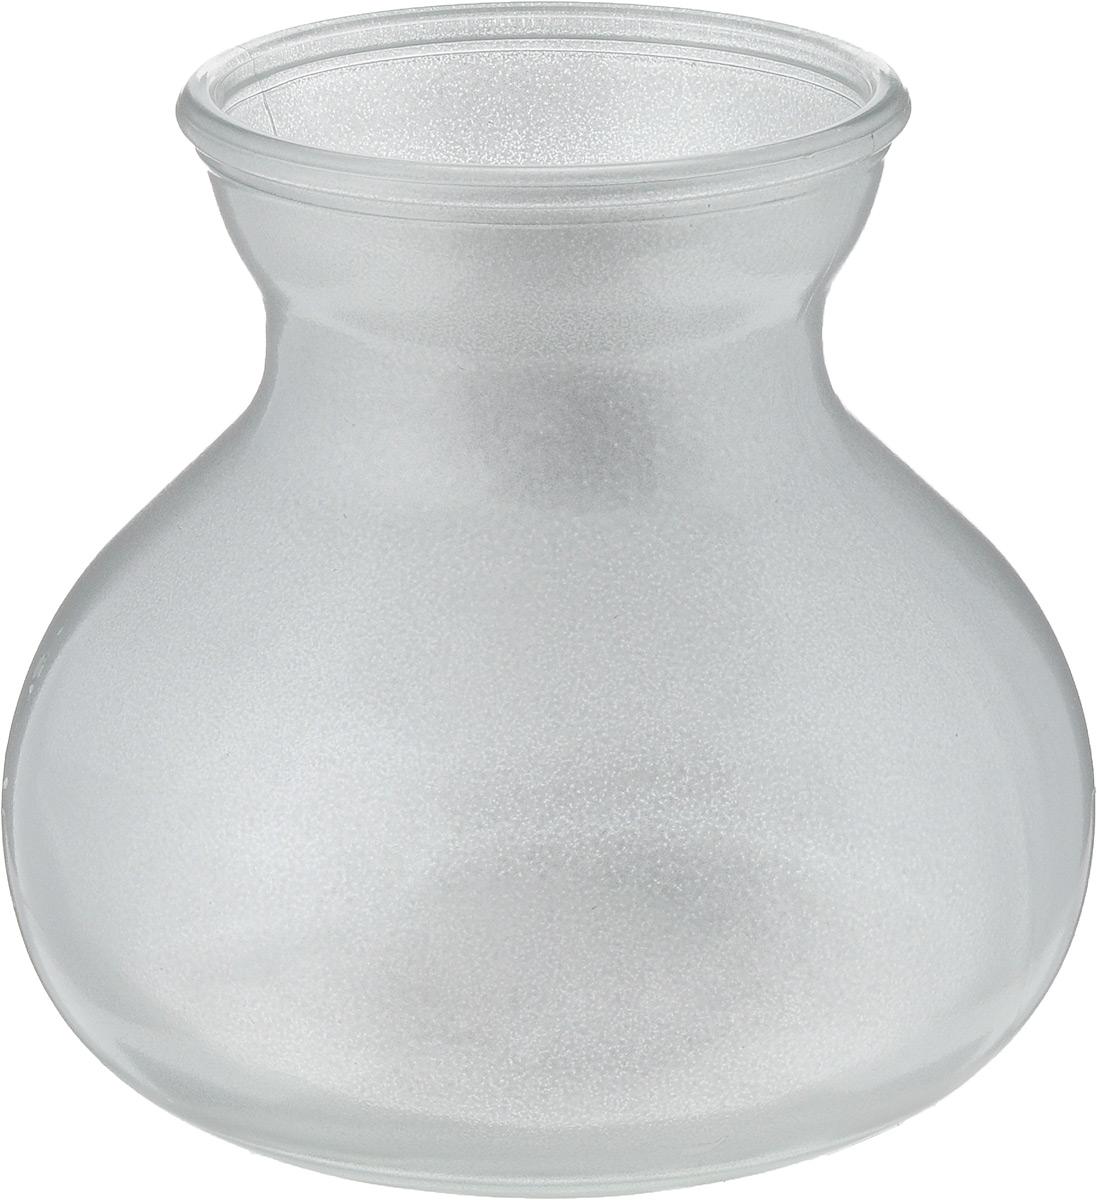 Ваза NiNaGlass Дана, цвет: серебро, высота 16 см420129Ваза NiNaGlass Дана выполнена из высококачественного стекла и имеет изысканный внешний вид. Такая ваза станет ярким украшением интерьера и прекрасным подарком к любому случаю.Высота вазы: 16 см.Диаметр вазы (по верхнему краю): 10 см.Объем вазы: 1,5 л.